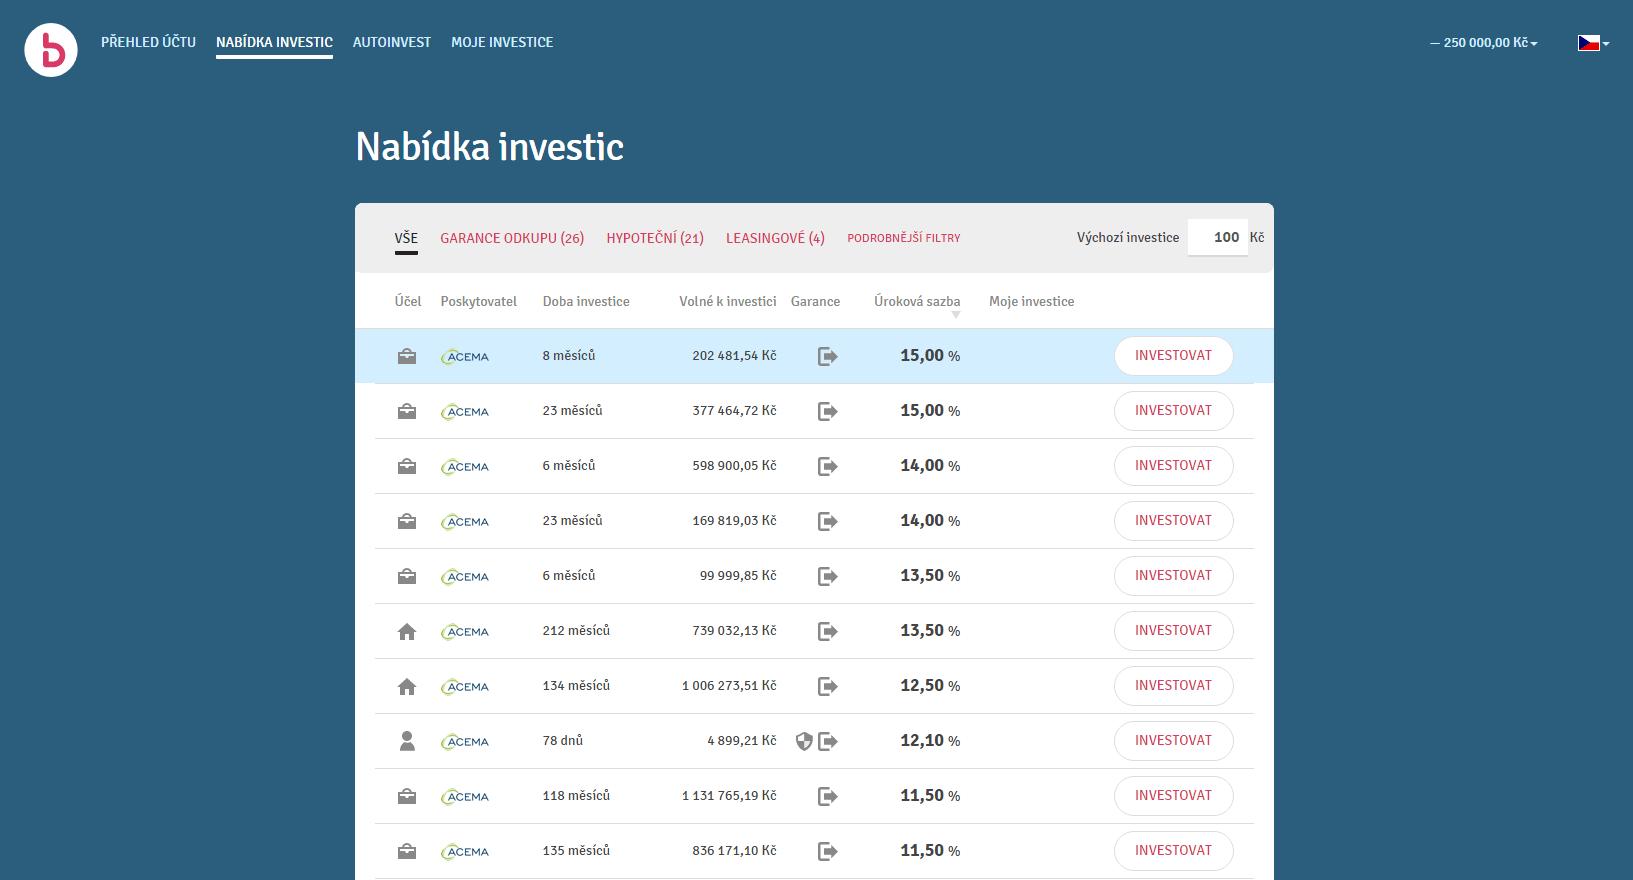 Bondster - nabídka investic